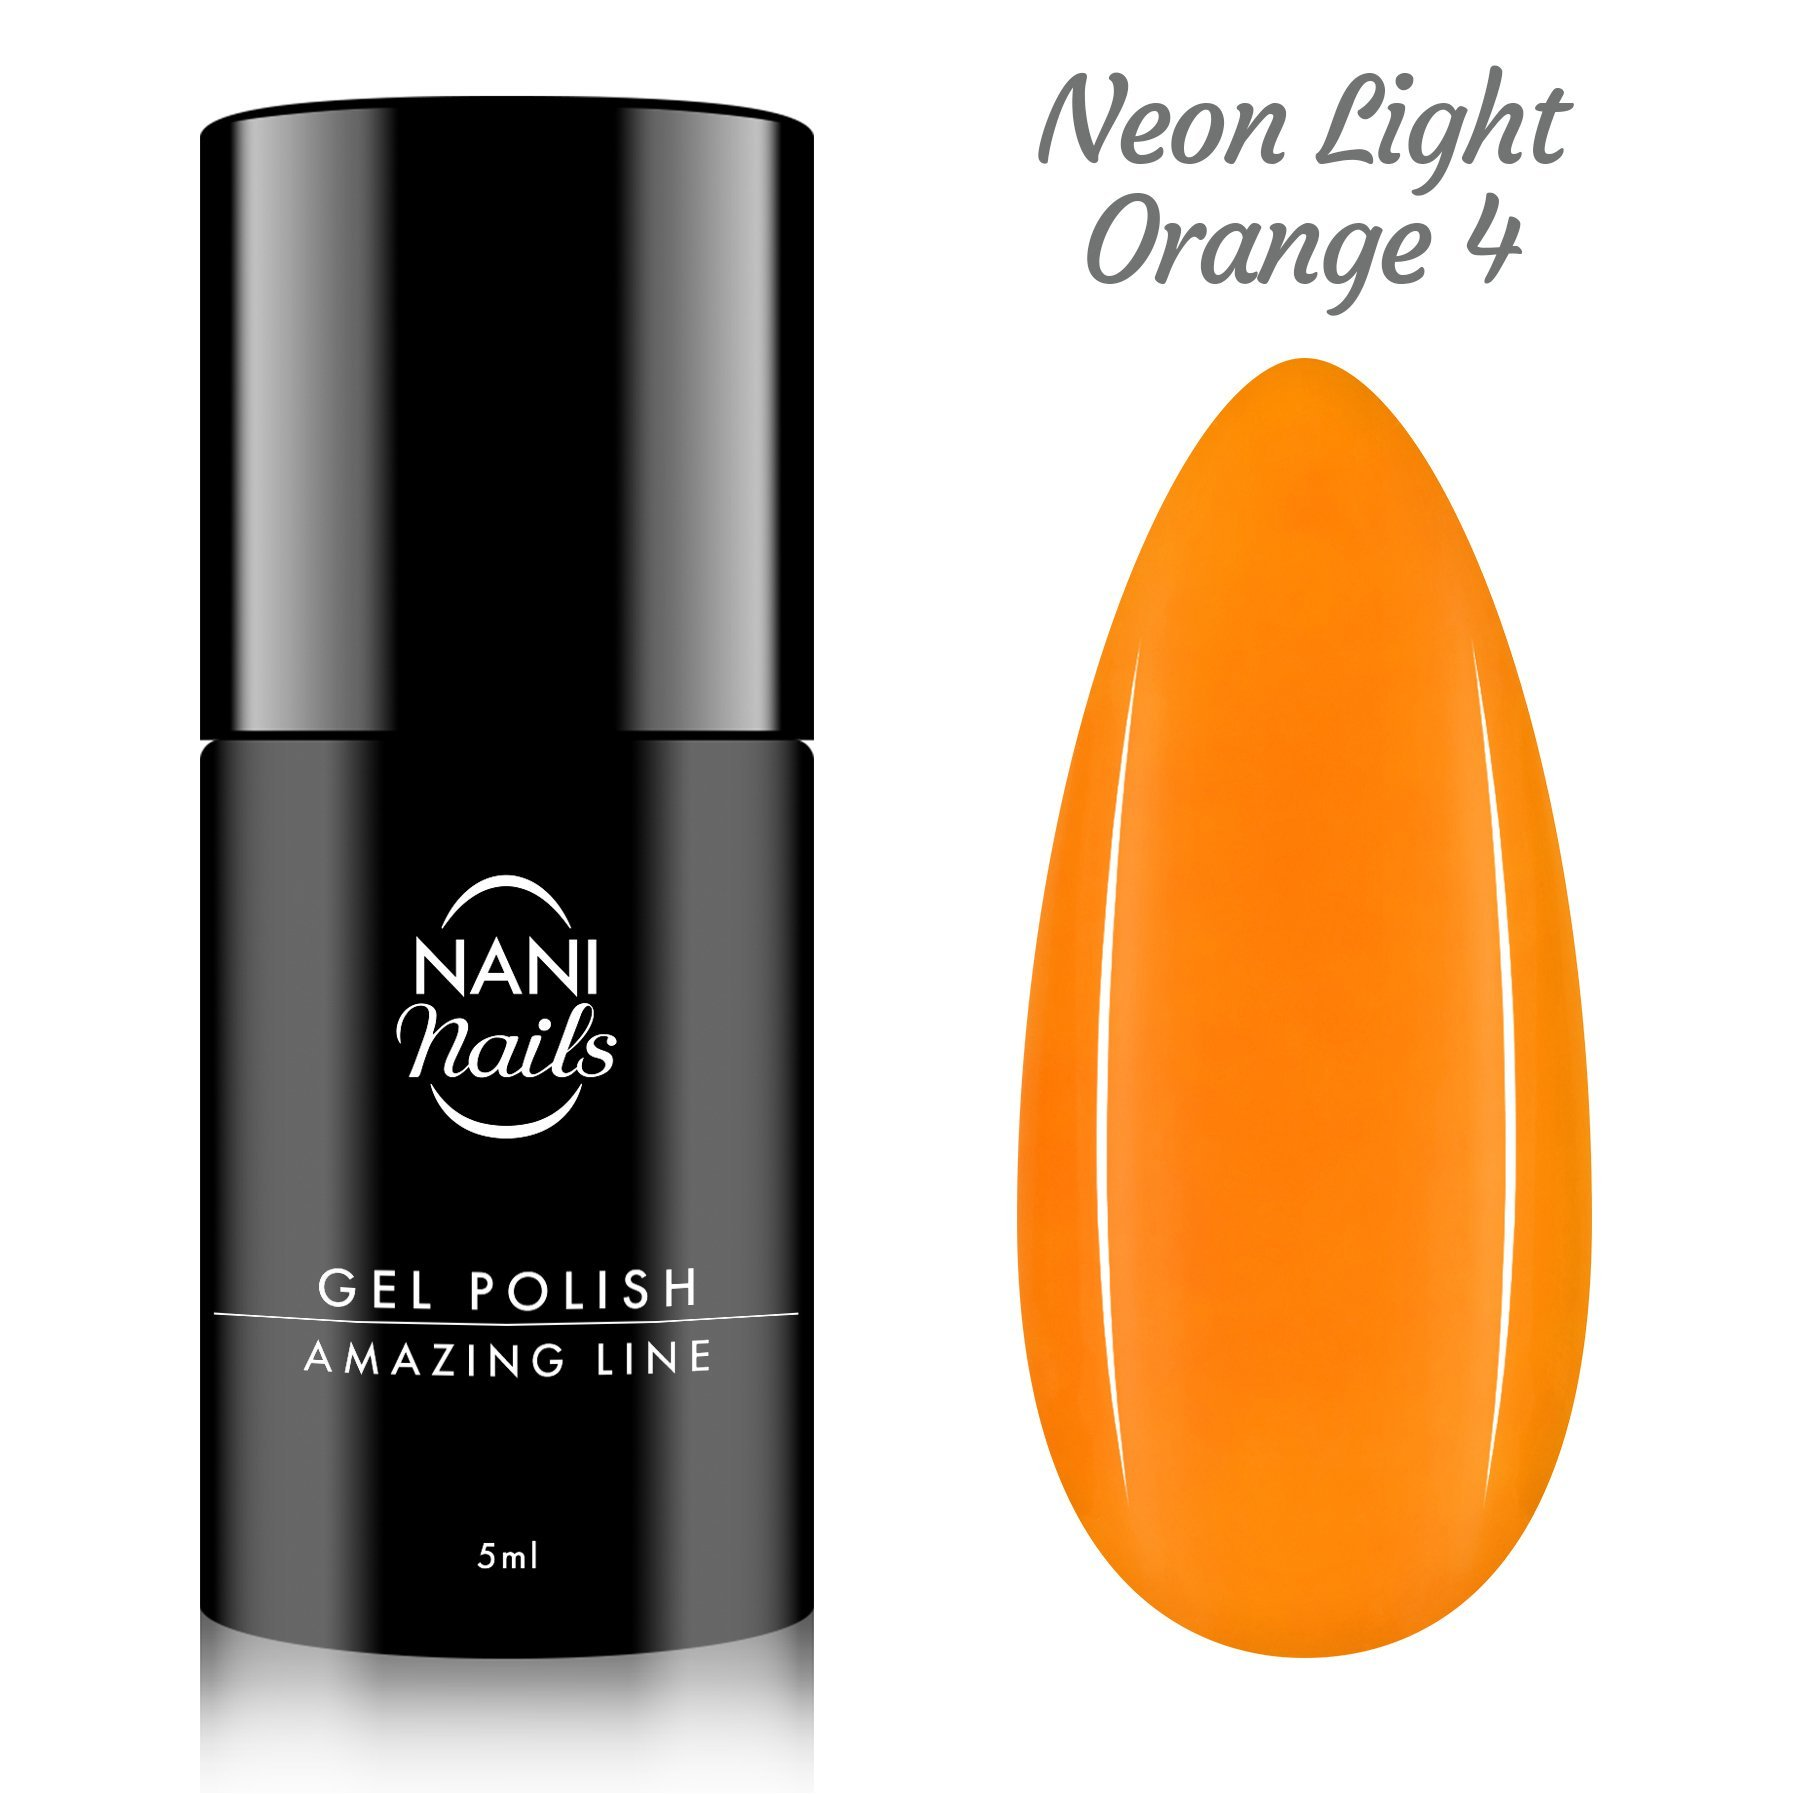 NANI gél lak Amazing Line 5 ml - Neon Light Orange